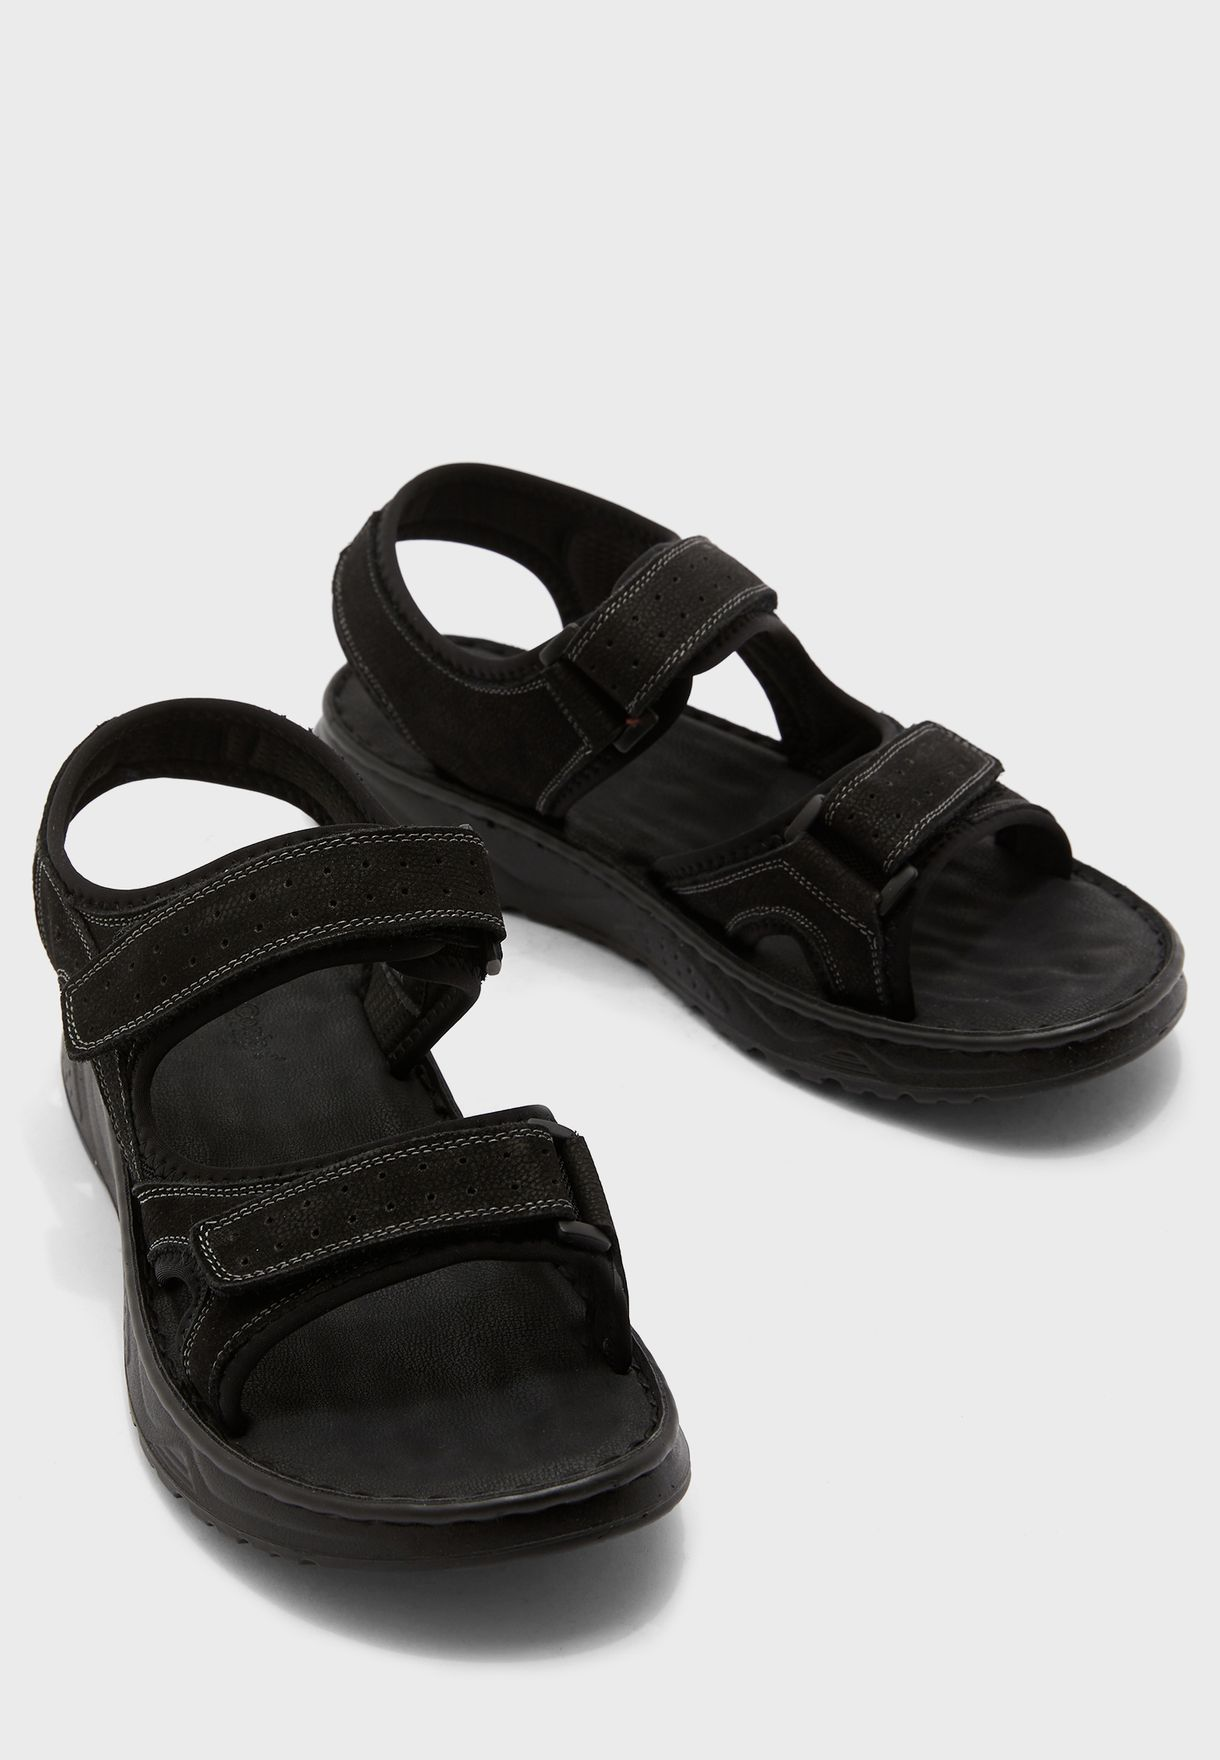 black strap sandals men